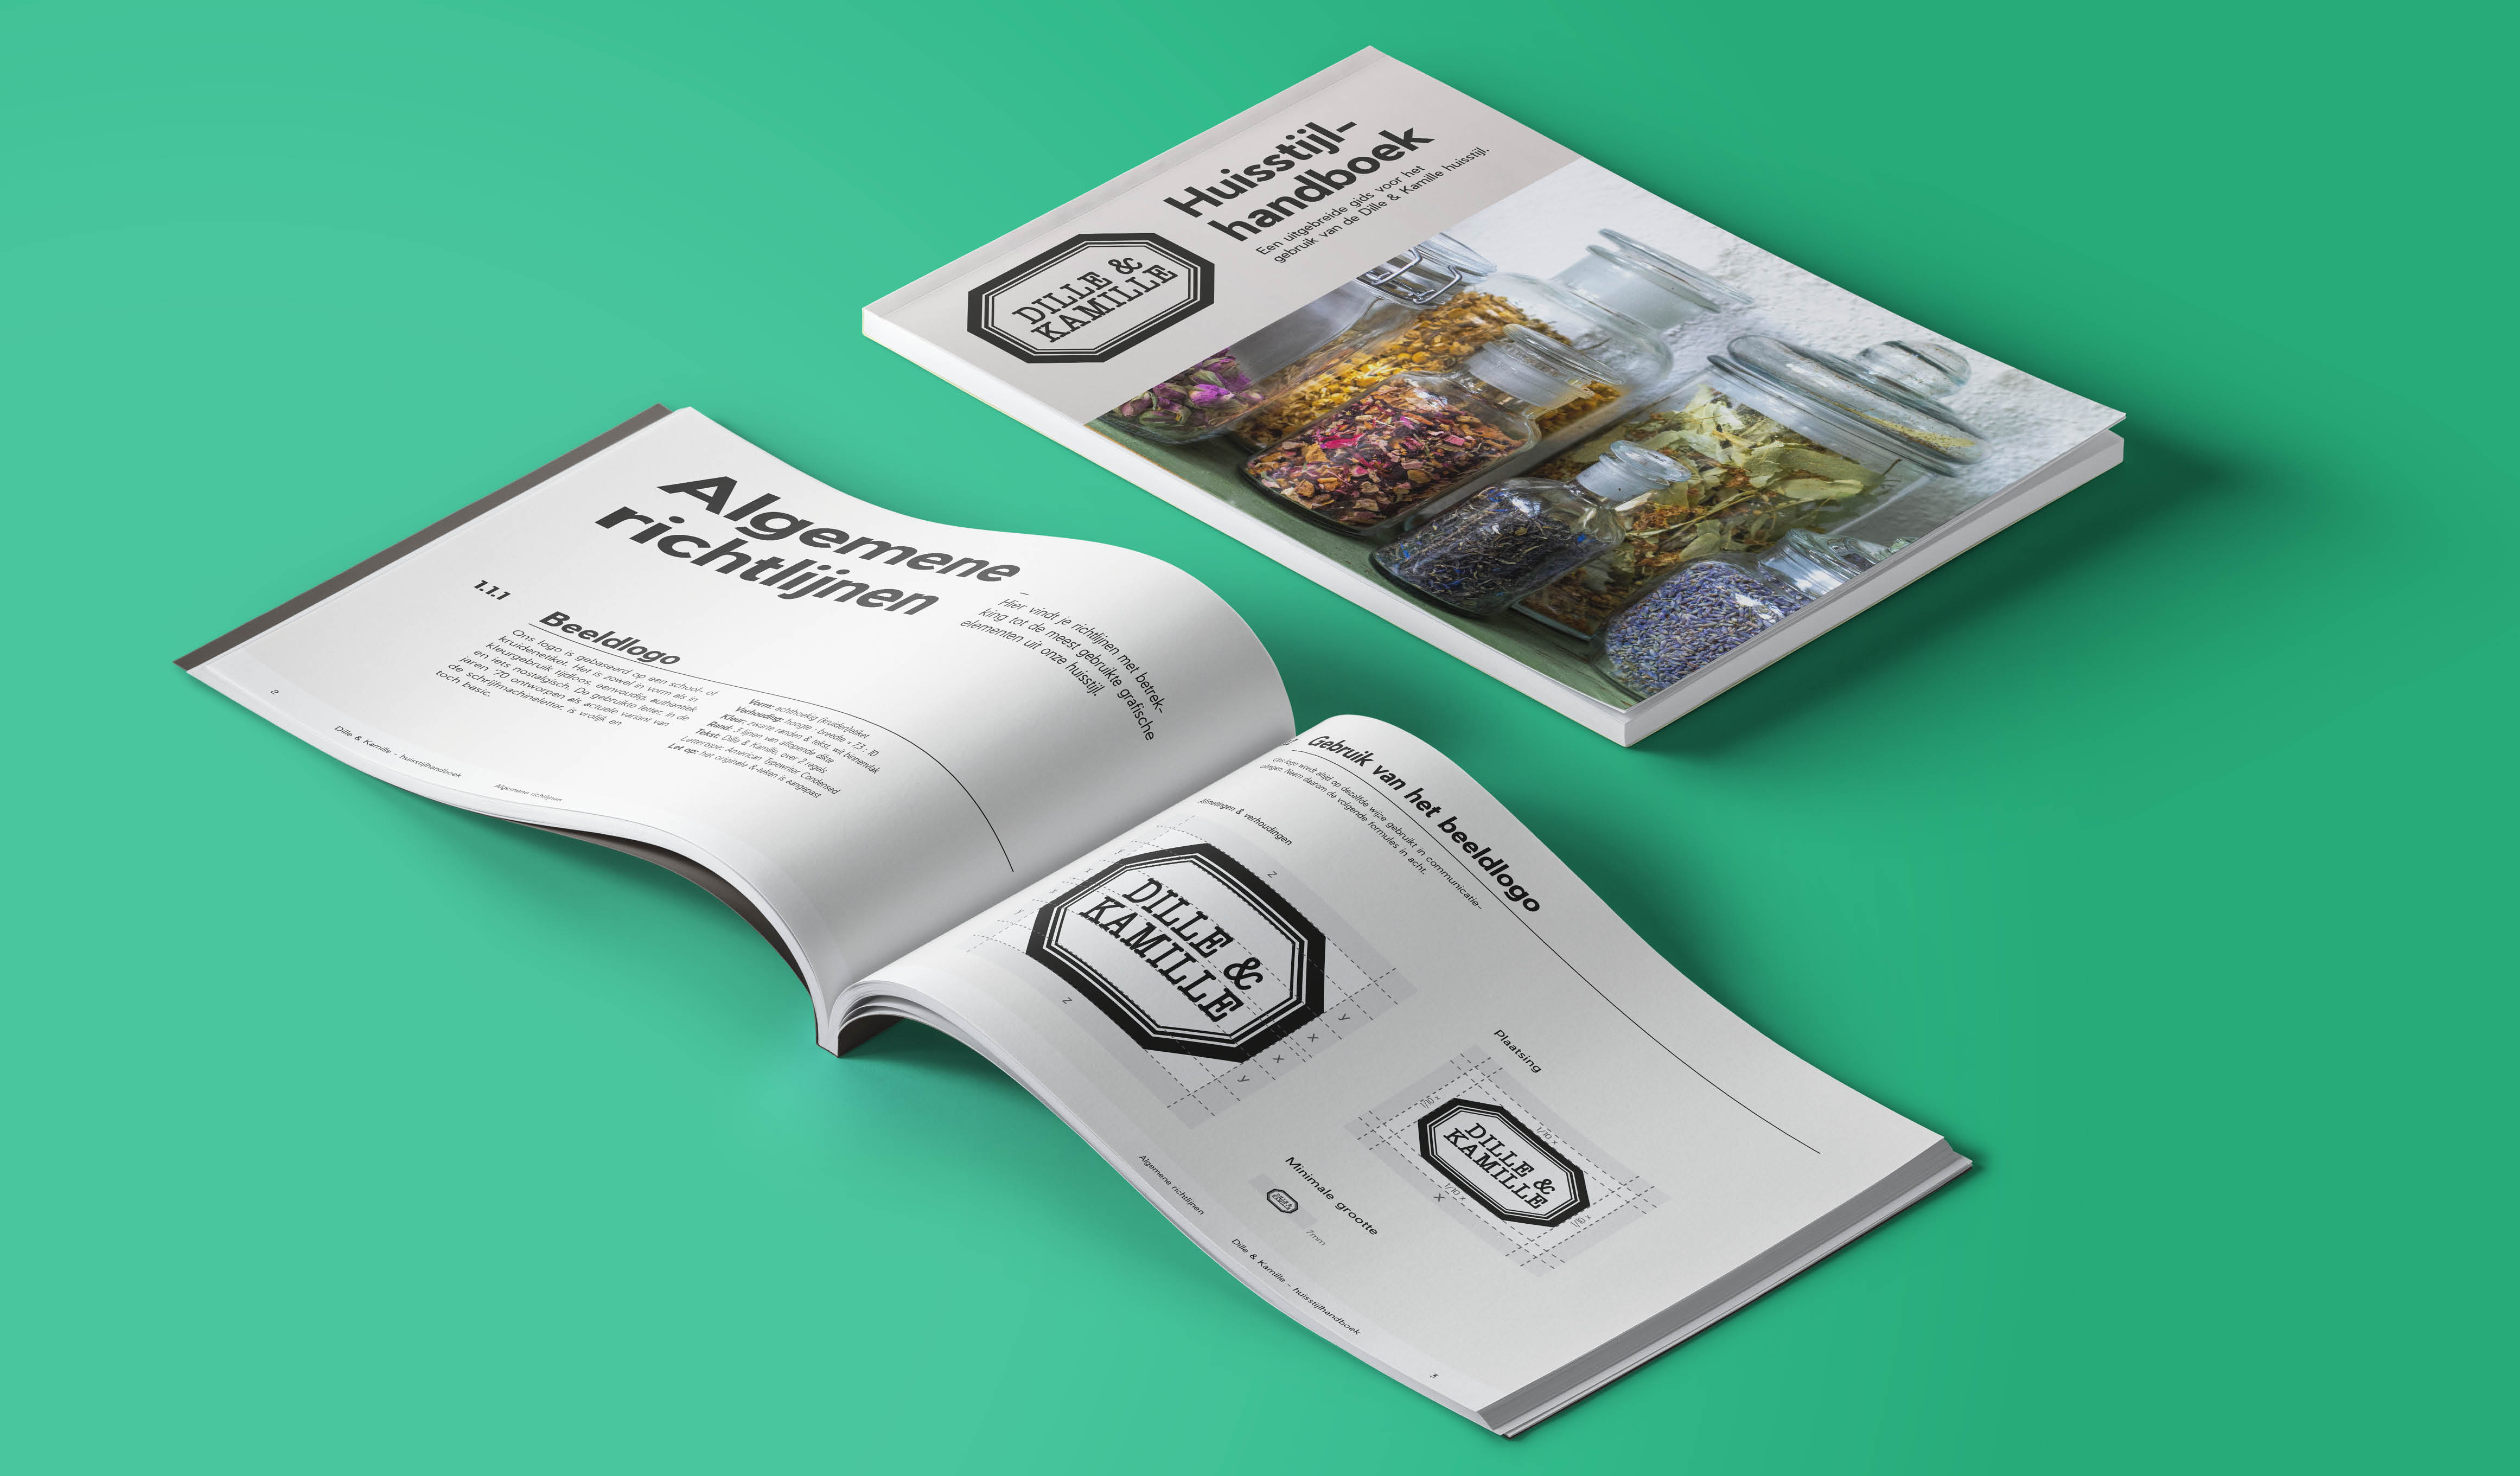 Een huisstijl handboek/brandbook ontworpen en opgesteld voor Dille & Kamille